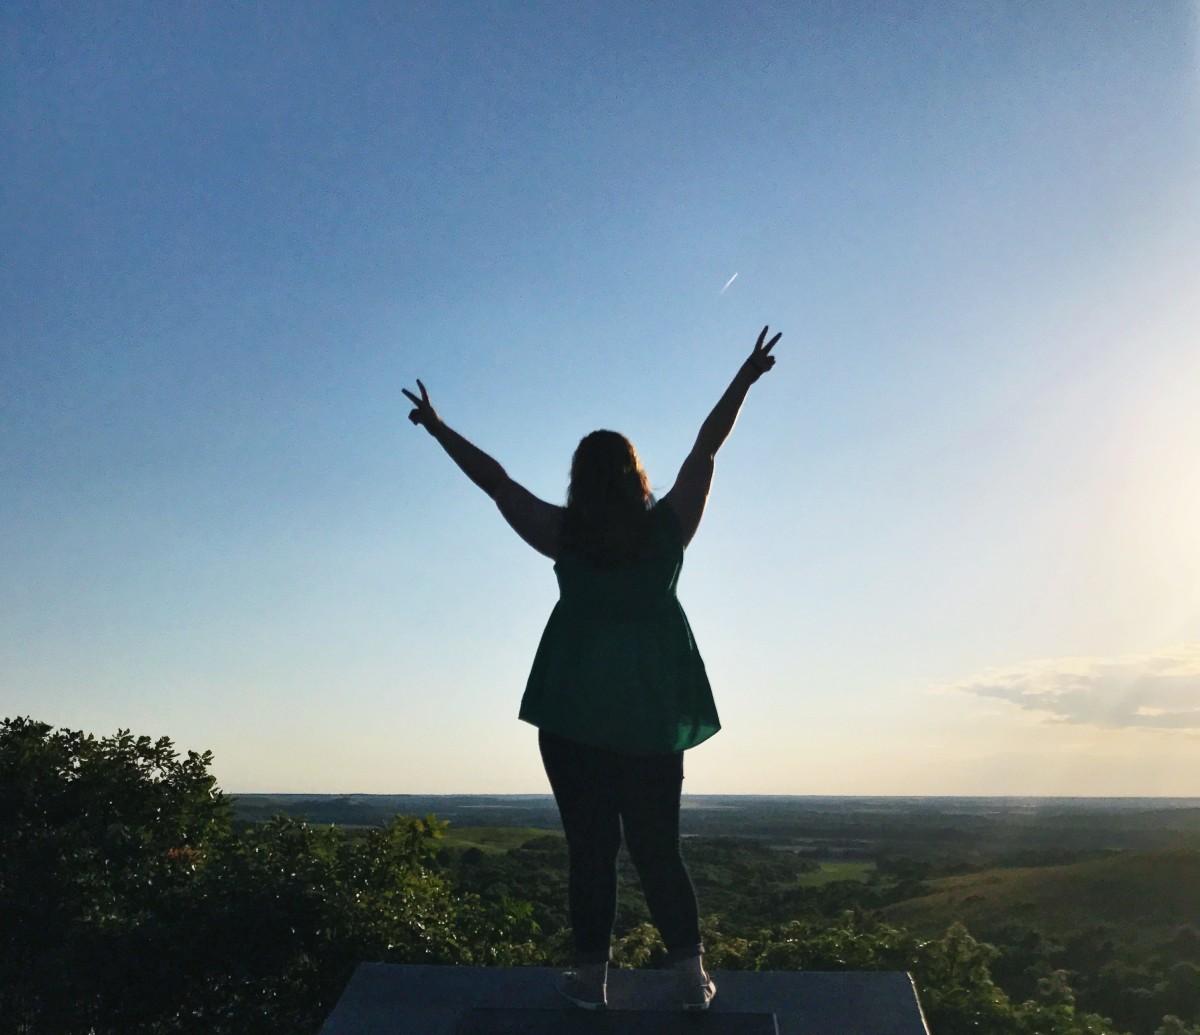 Flint Hills Scenic Overlook Her Heartland Soul